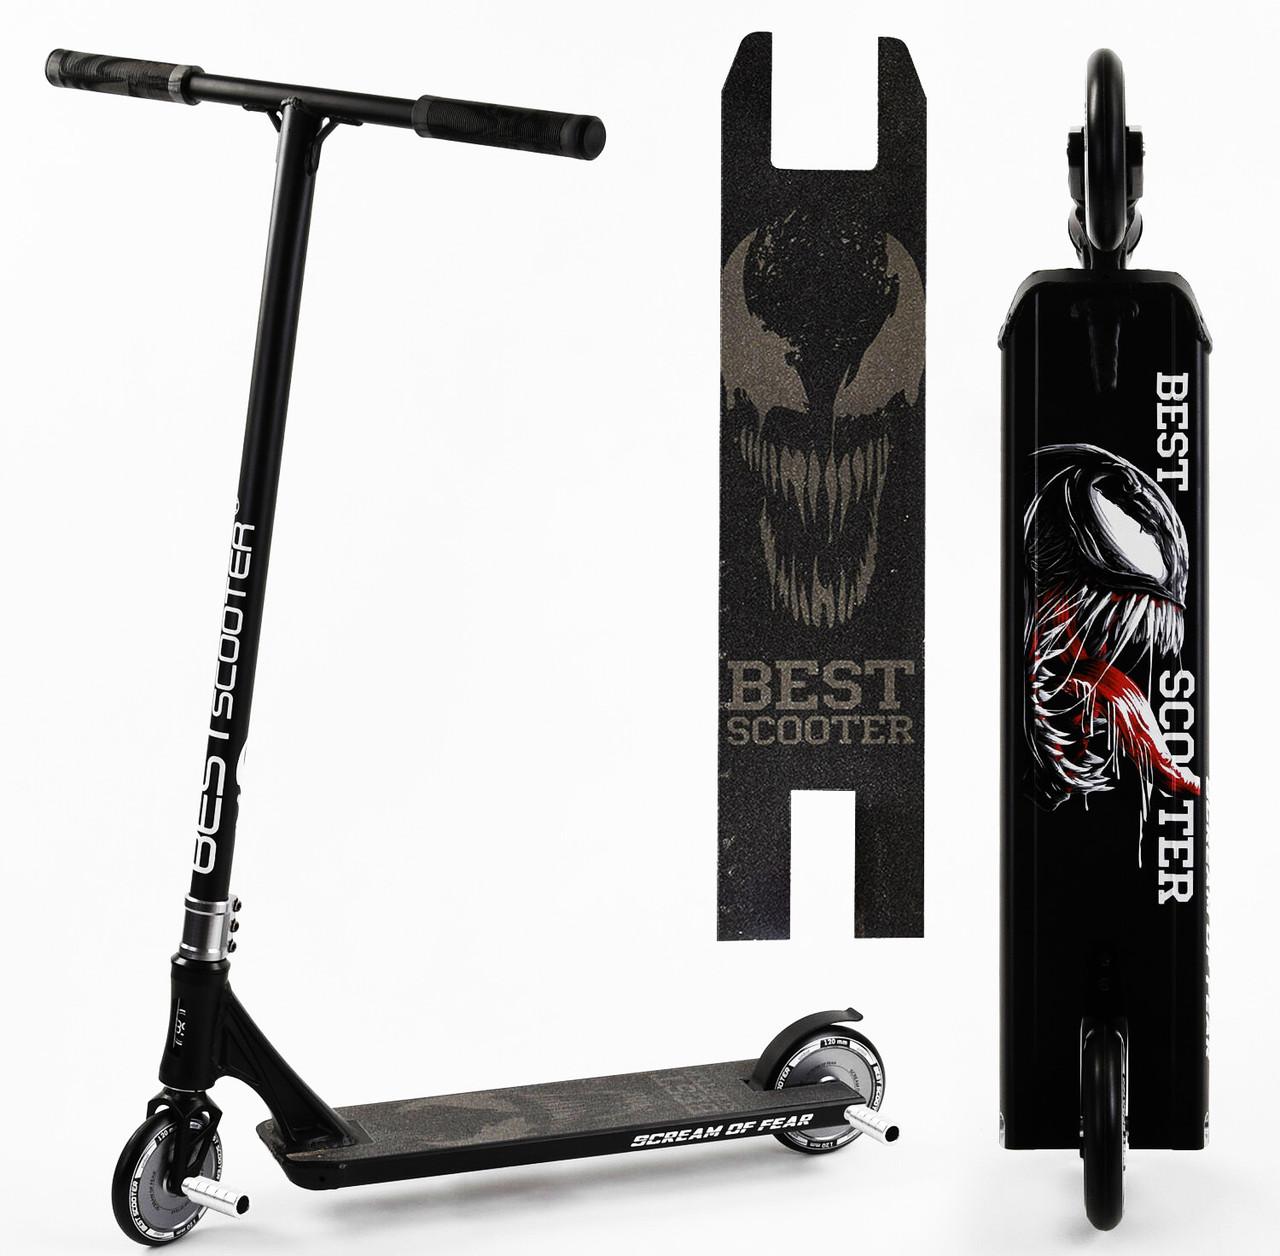 Детский трюковый самокат Best Scooter CRASH HIC-система ПЕГИ черный цвет